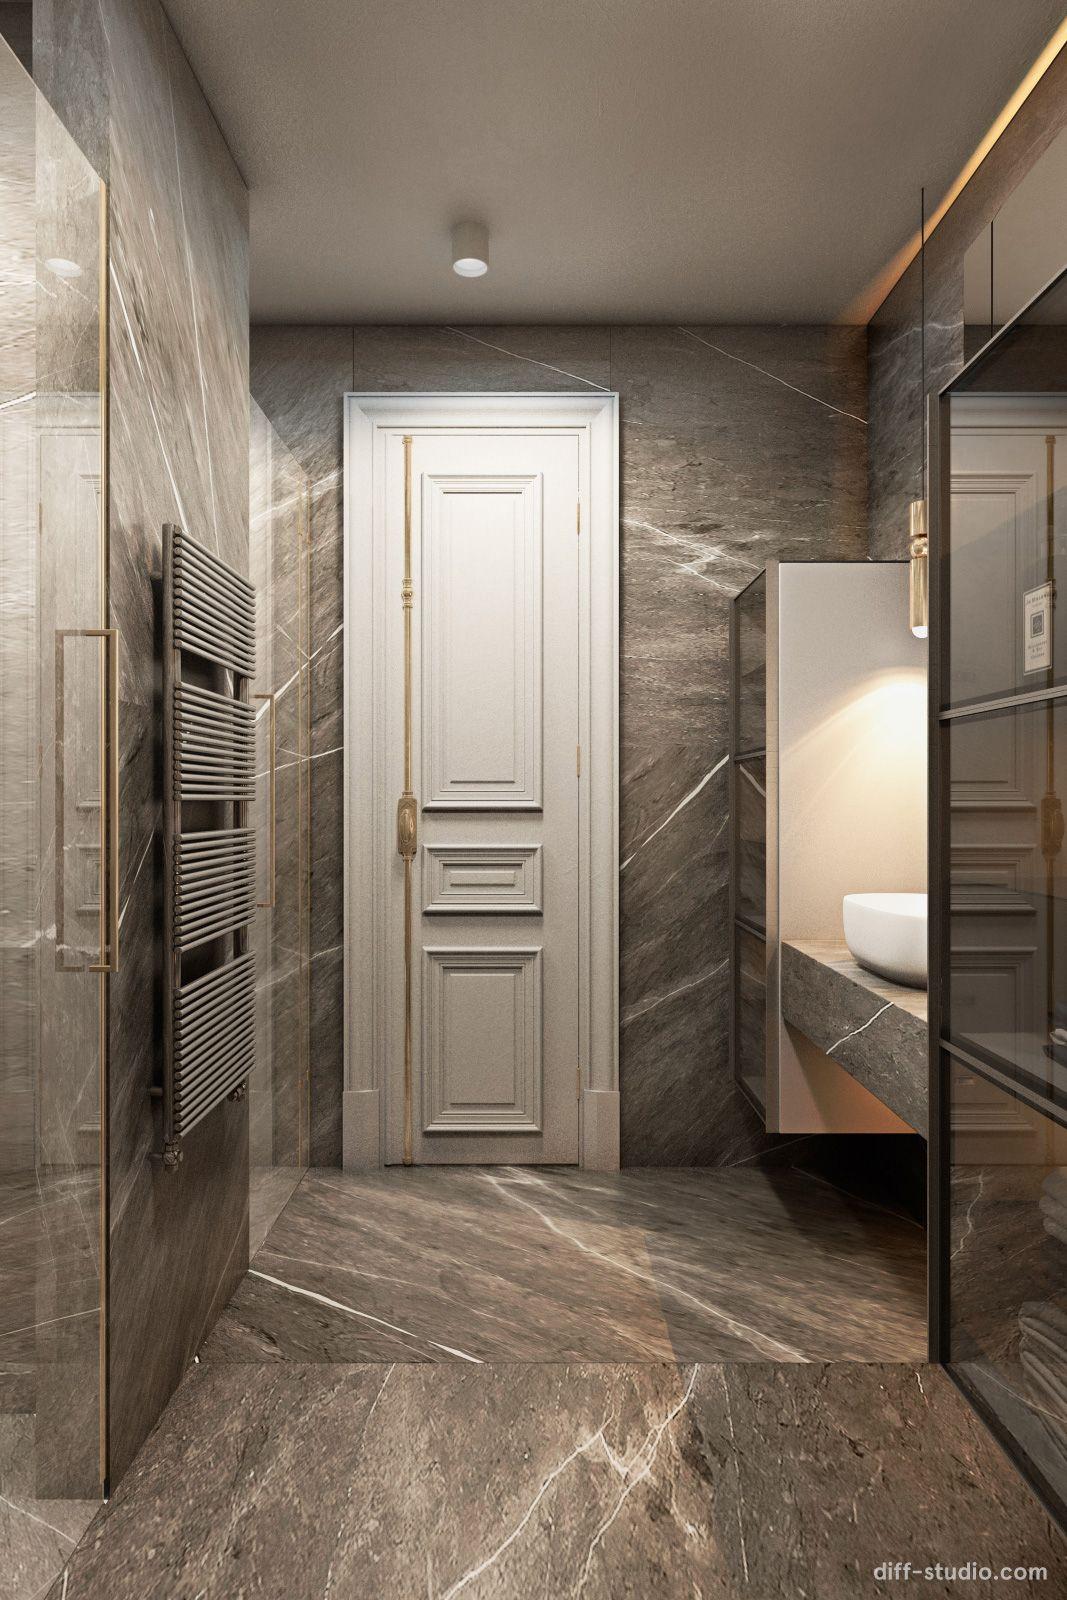 flat-in-london_diff_023 | Bathroom design luxury, Bathroom ...